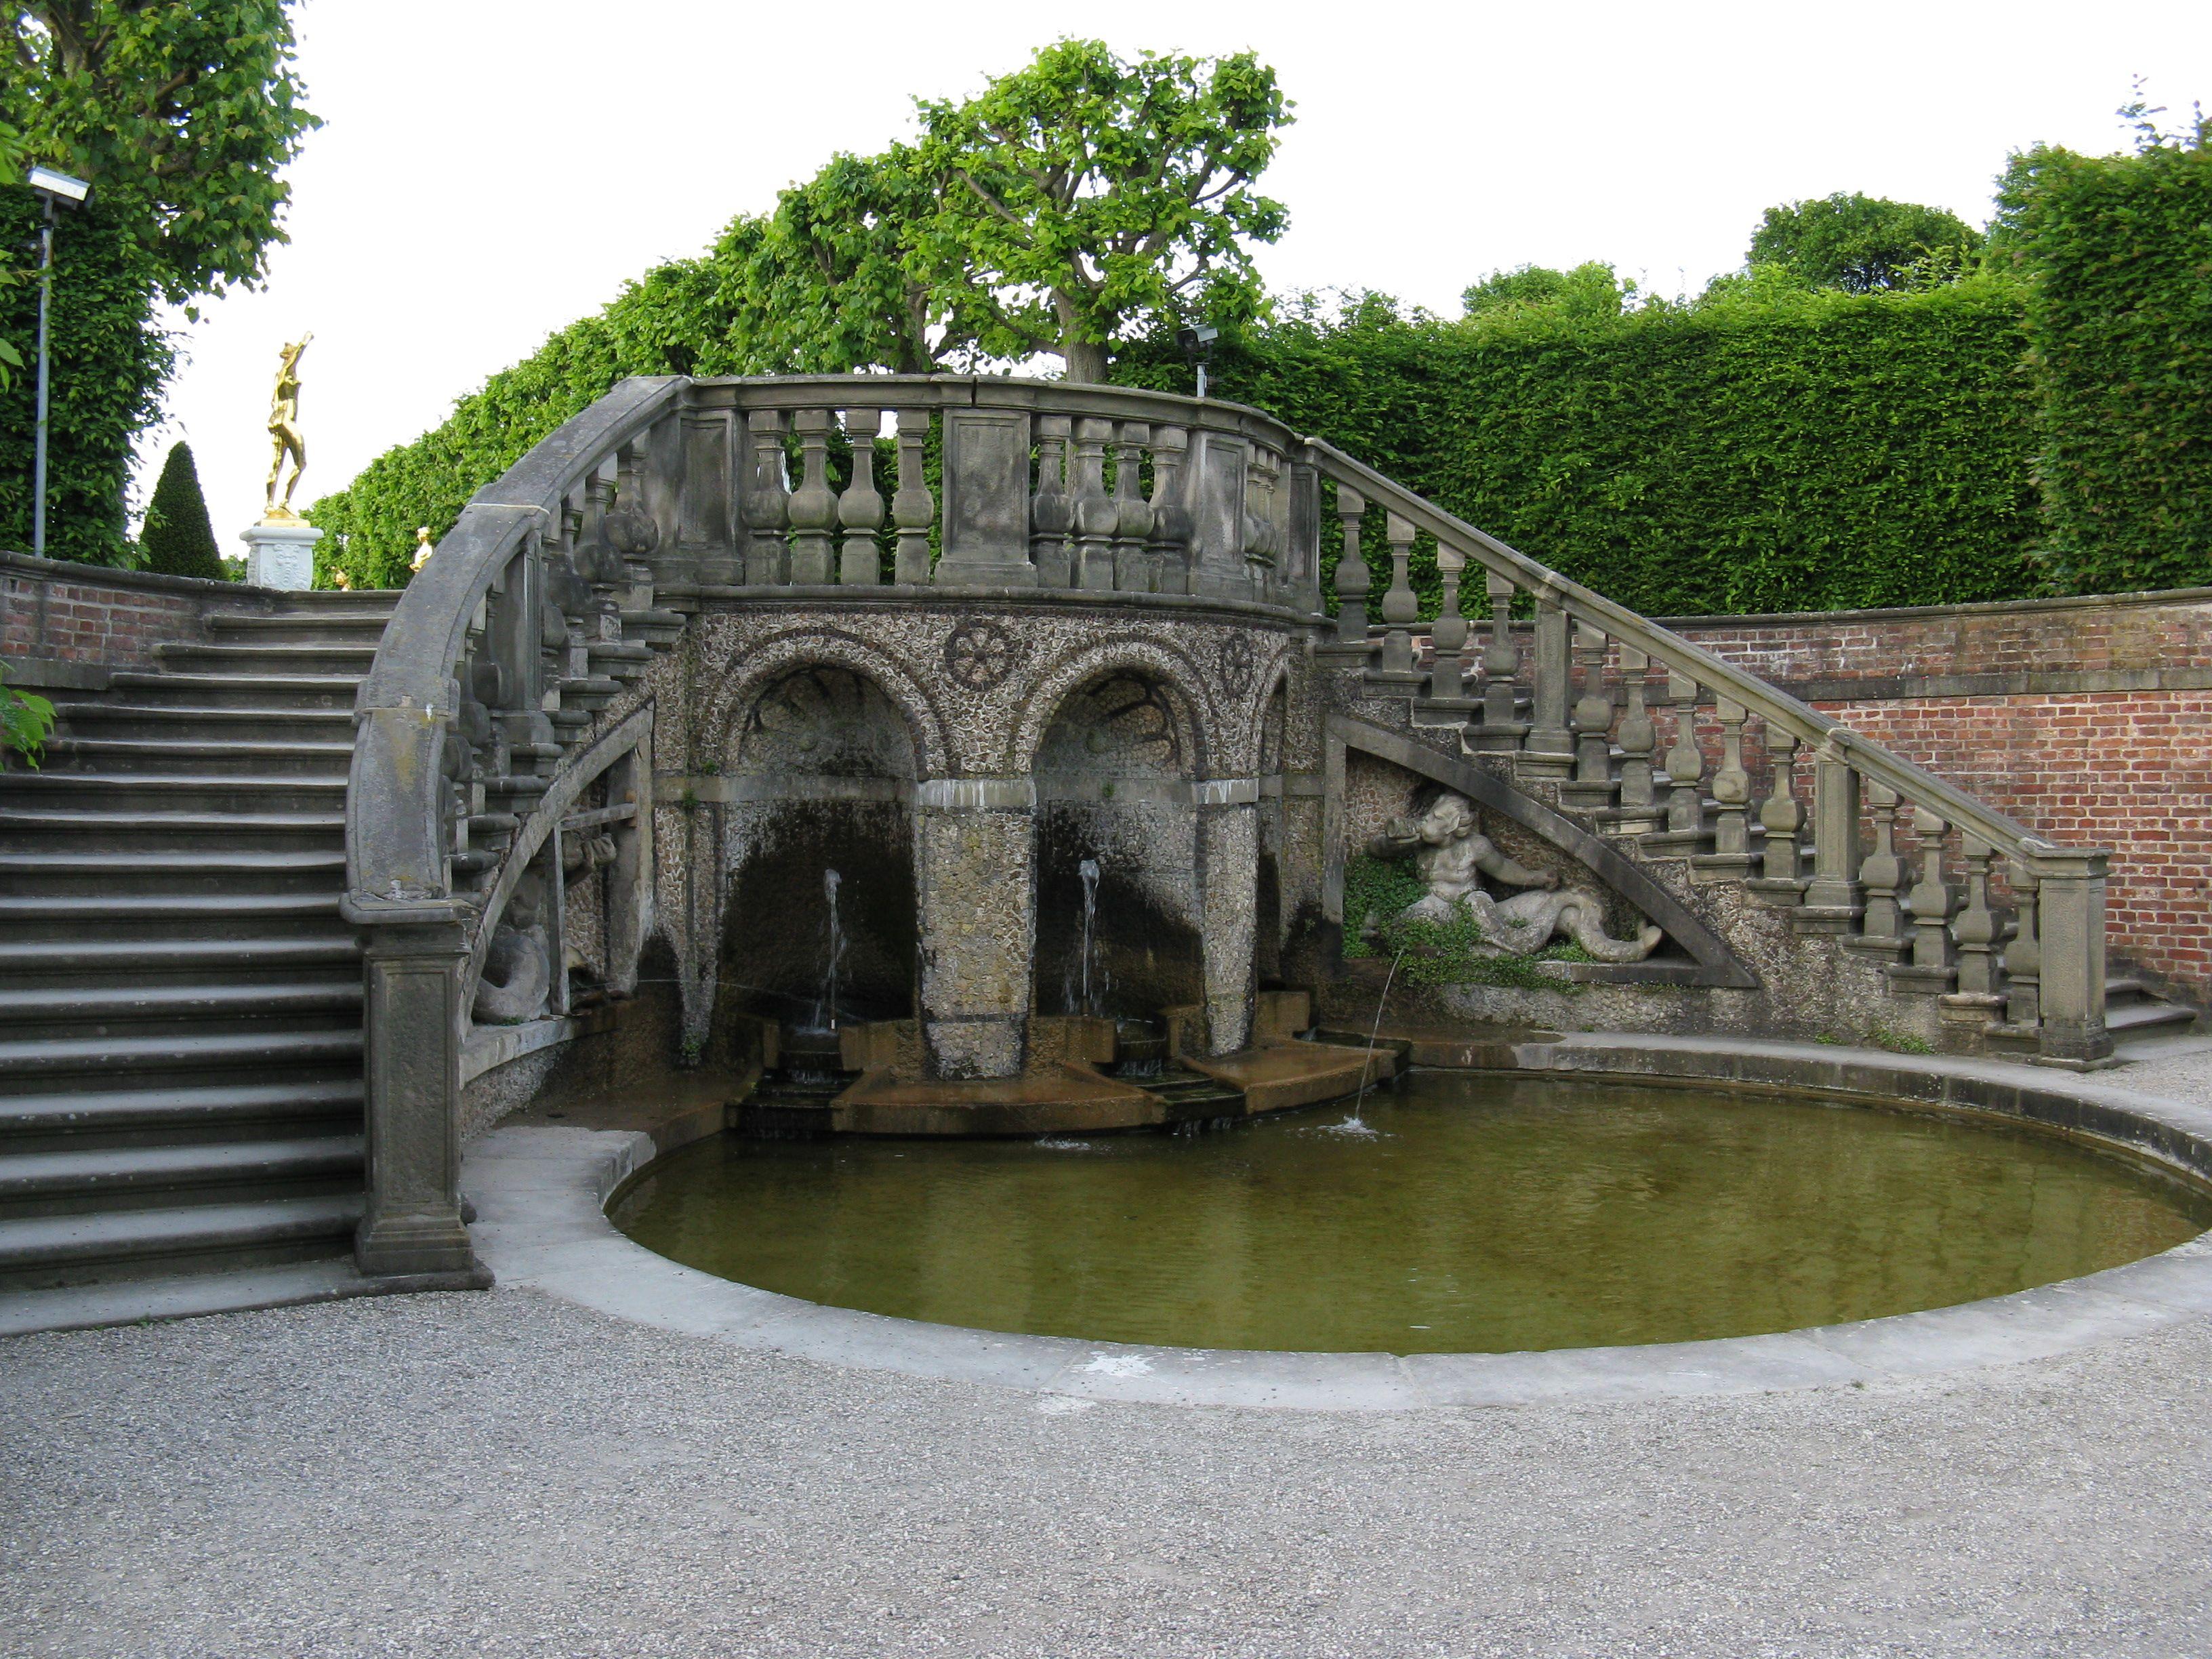 Hannover Herrenhausen Grosser Garten Treppe Zum Theater Jpg 3 264 2 448 Pixels Hannover Grosser Garten Garten